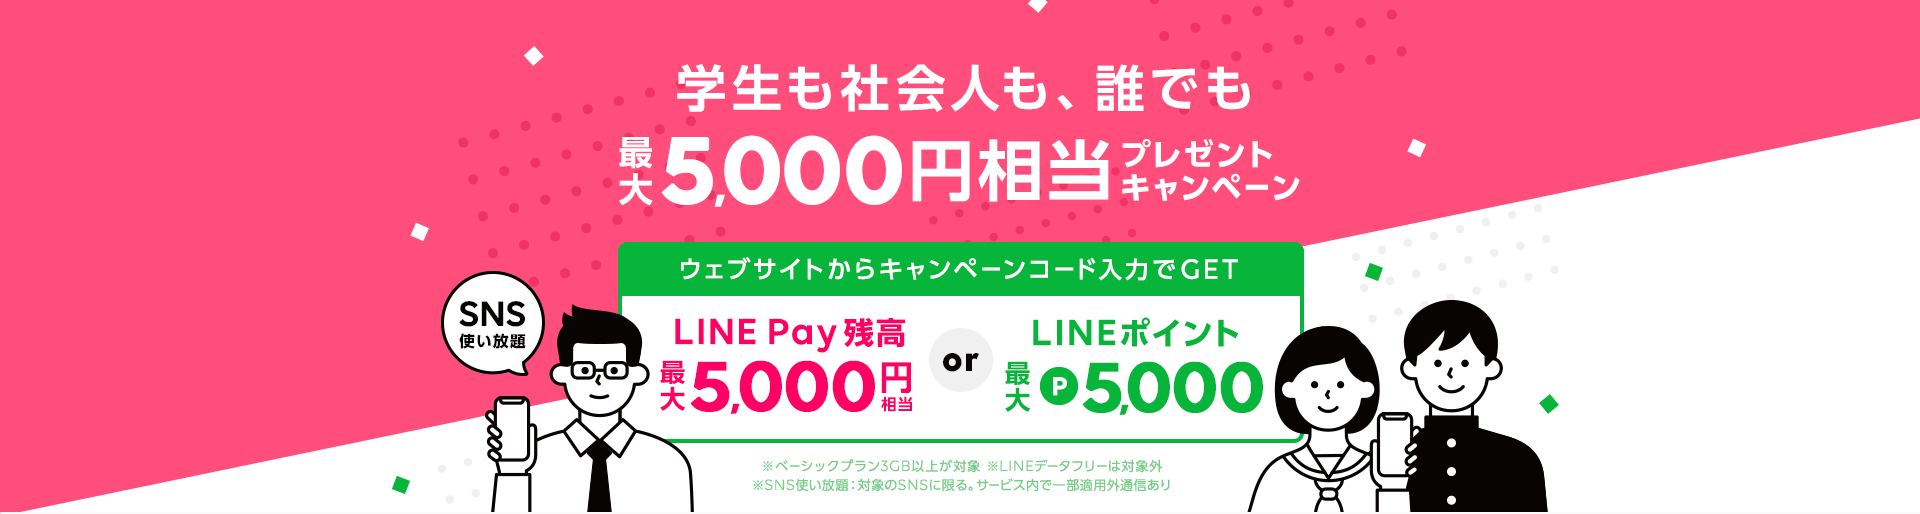 学生も社会人も、誰でも!最大5,000円相当プレゼントキャンペーン